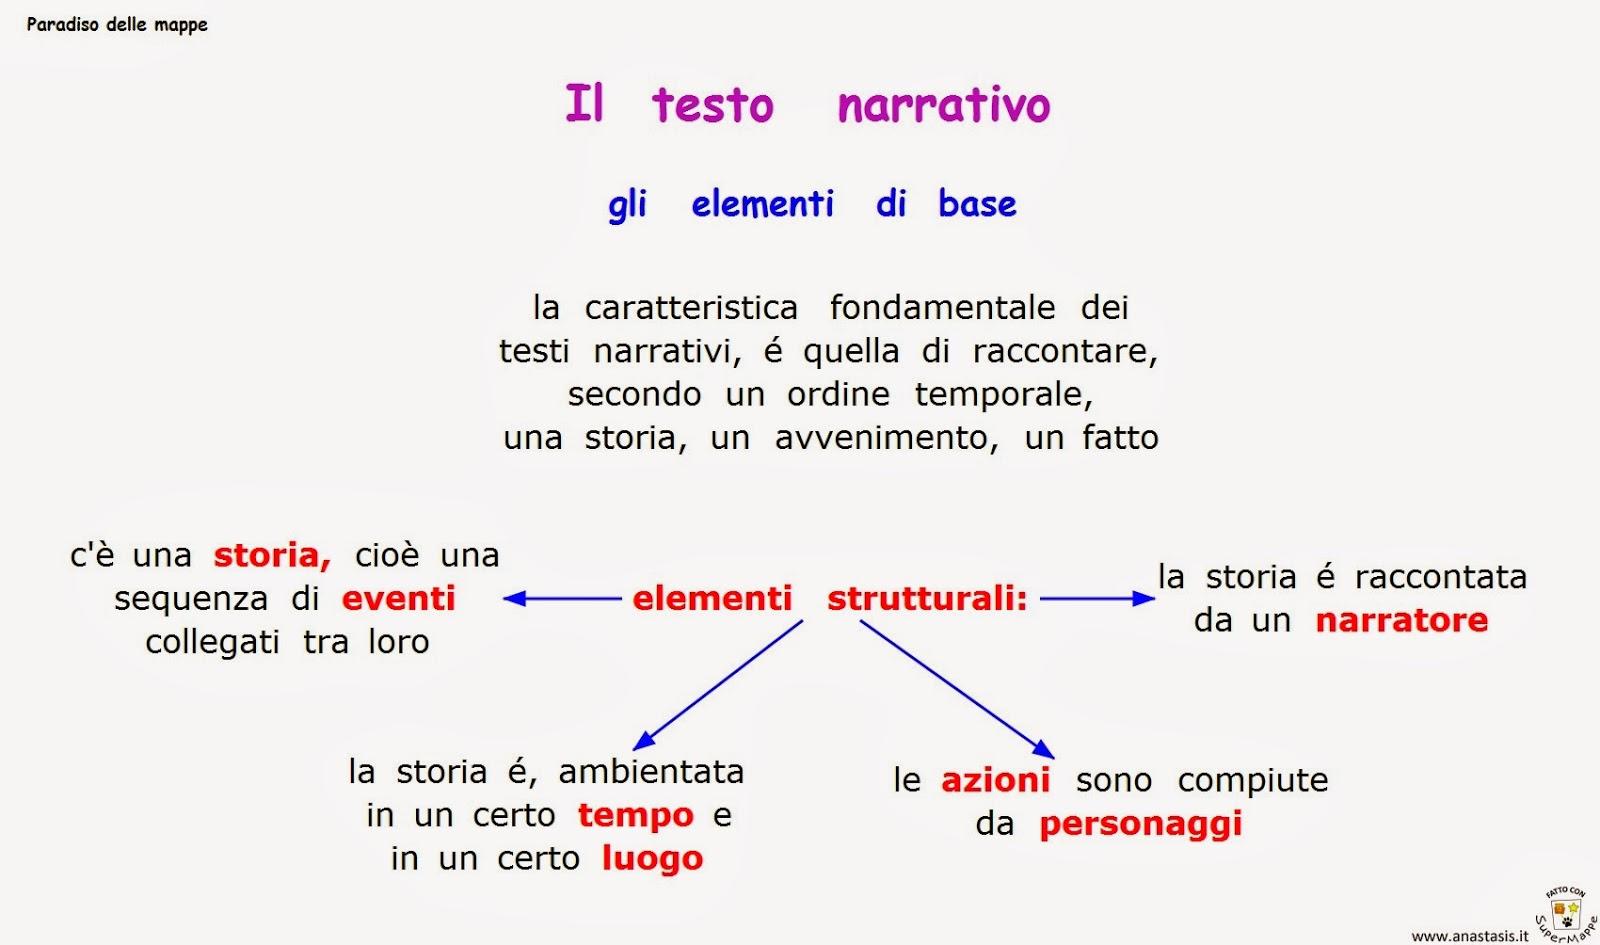 Paradiso delle mappe il testo narrativo gli elementi base - Per sempre gemelli diversi testo ...